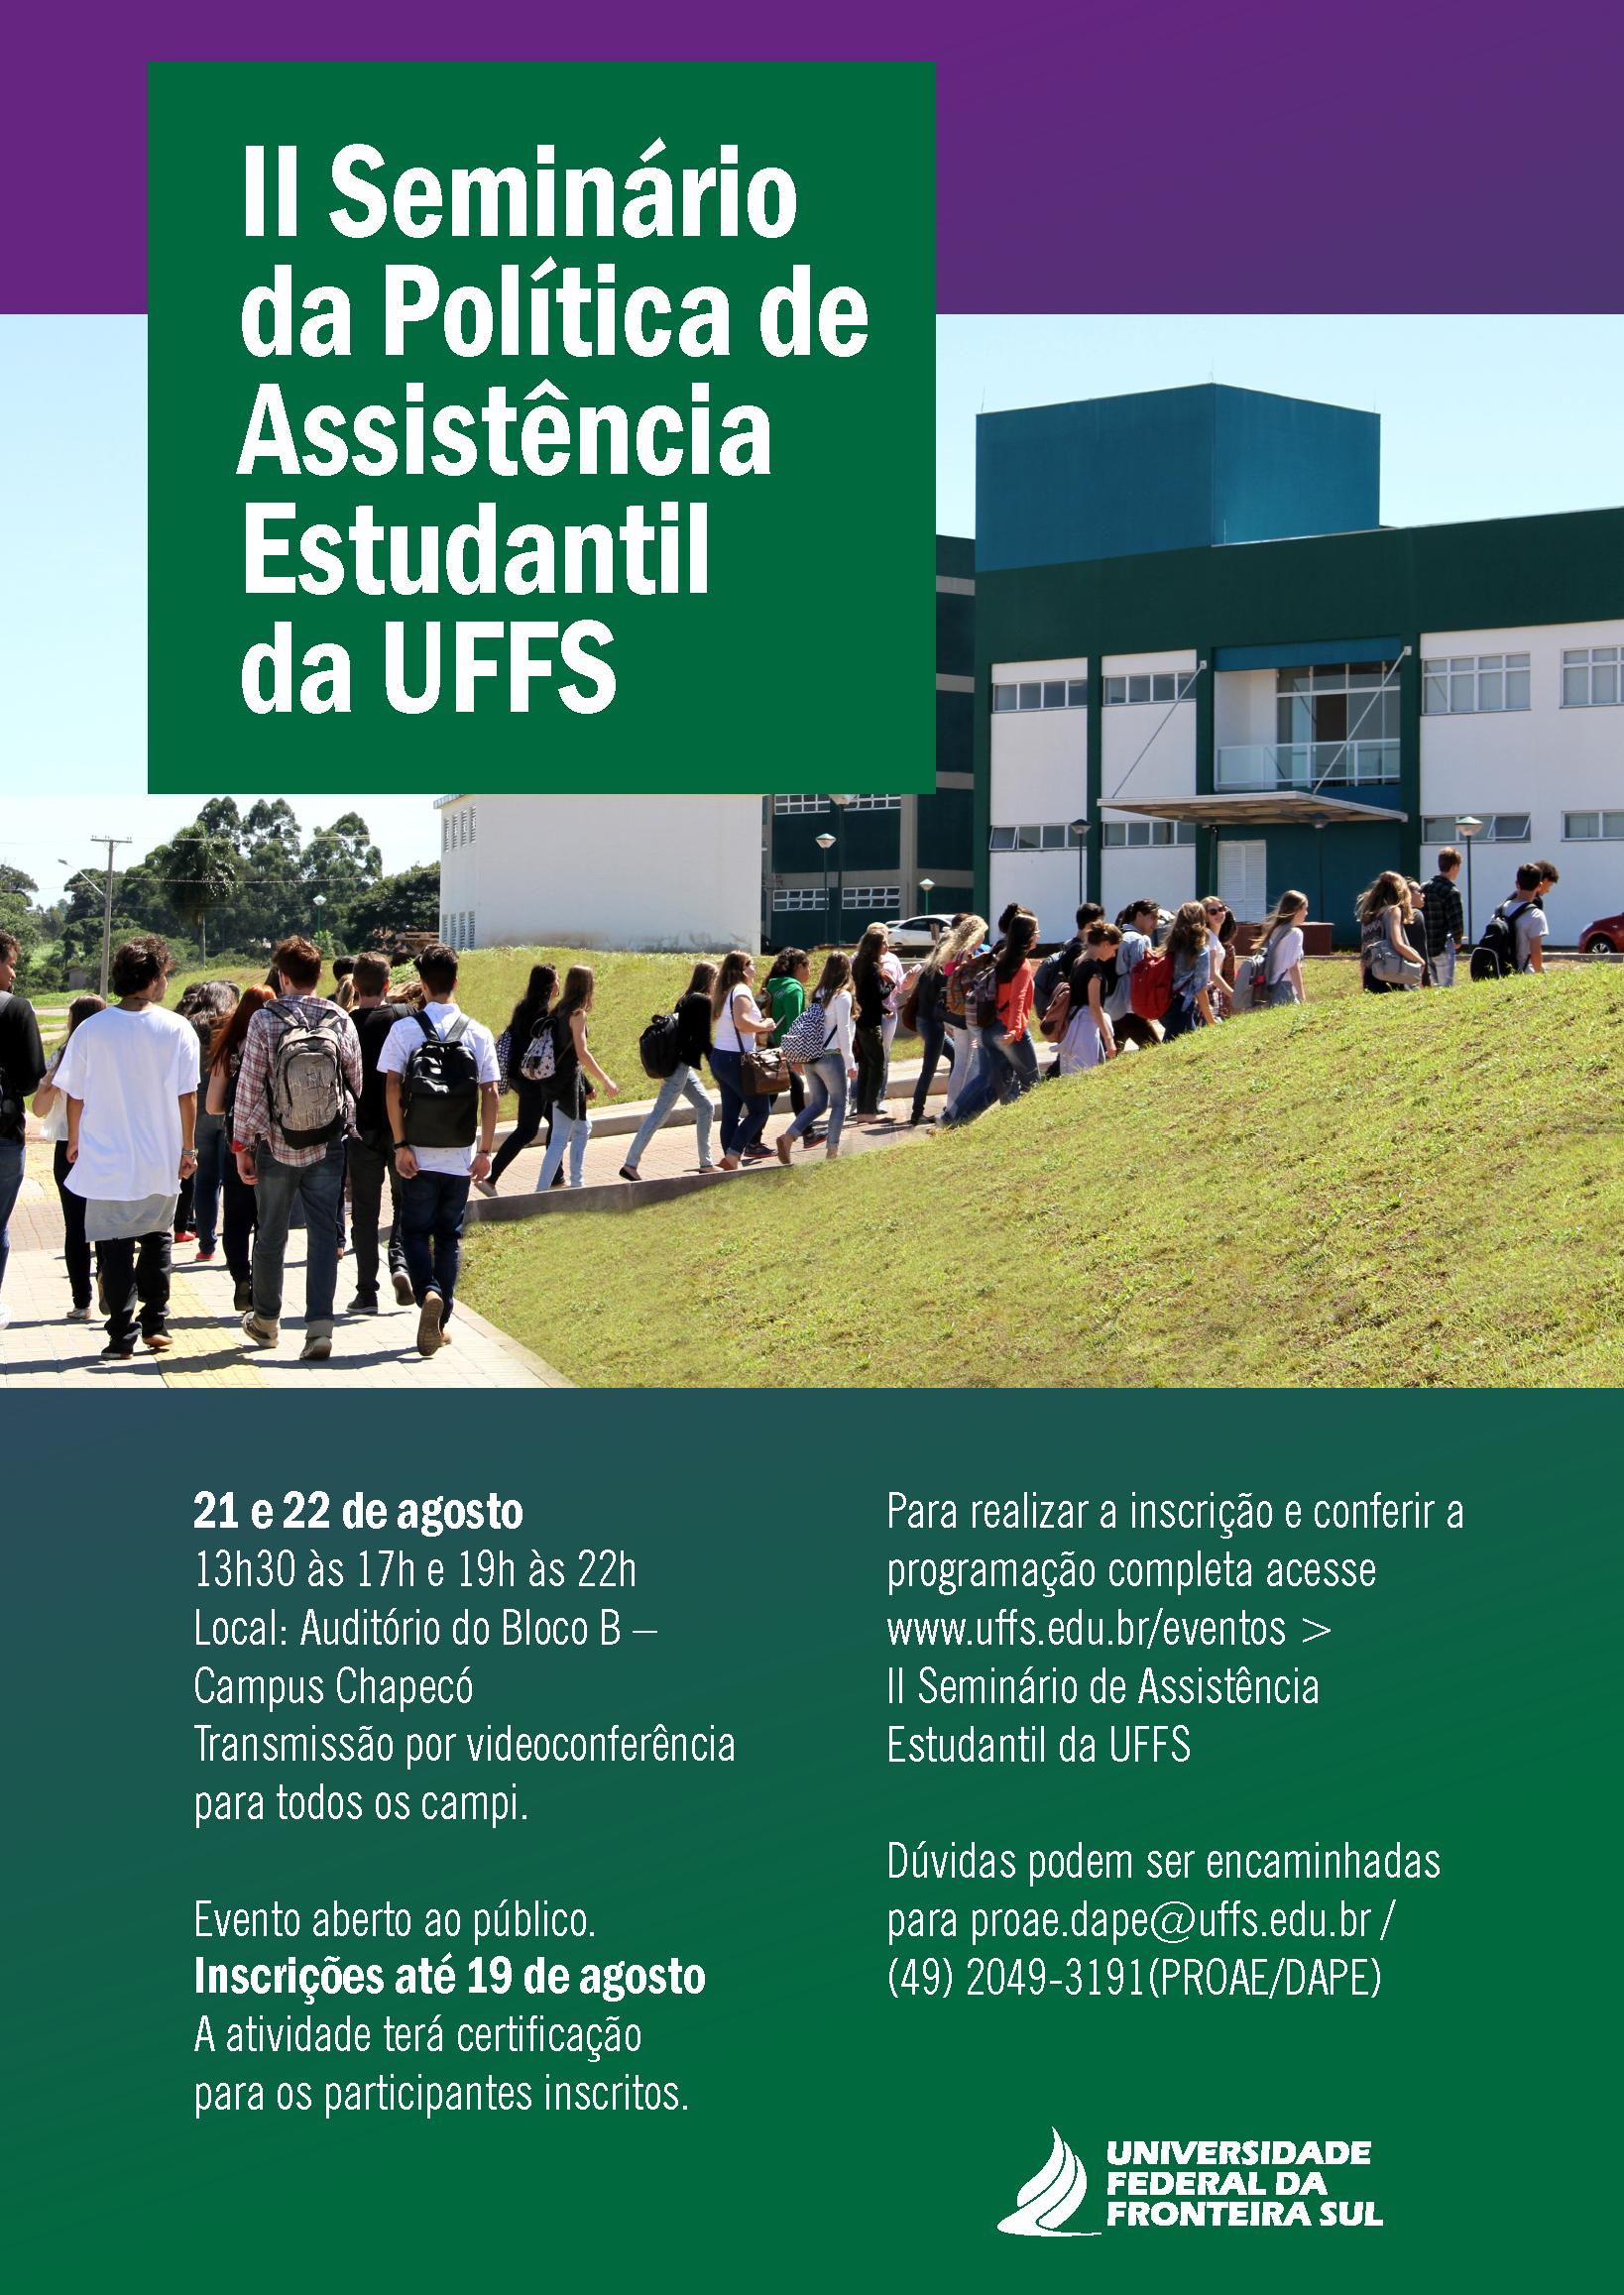 Cartaz com informações sobre evento  de assistência estudantil